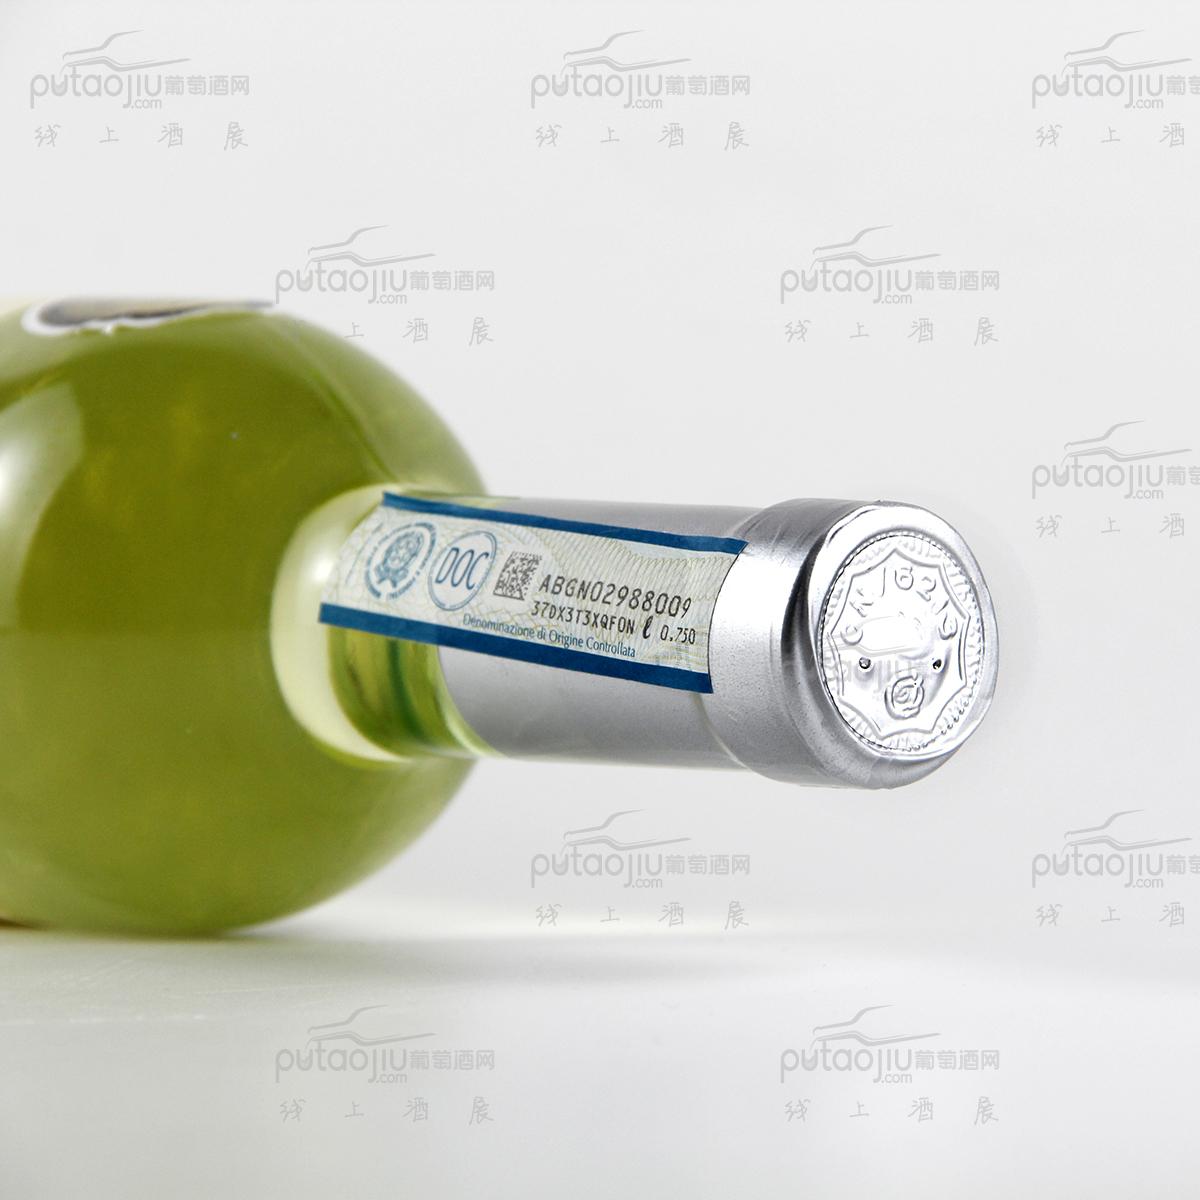 意大利皮埃蒙特威斯蒙特柯蒂丝干白葡萄酒